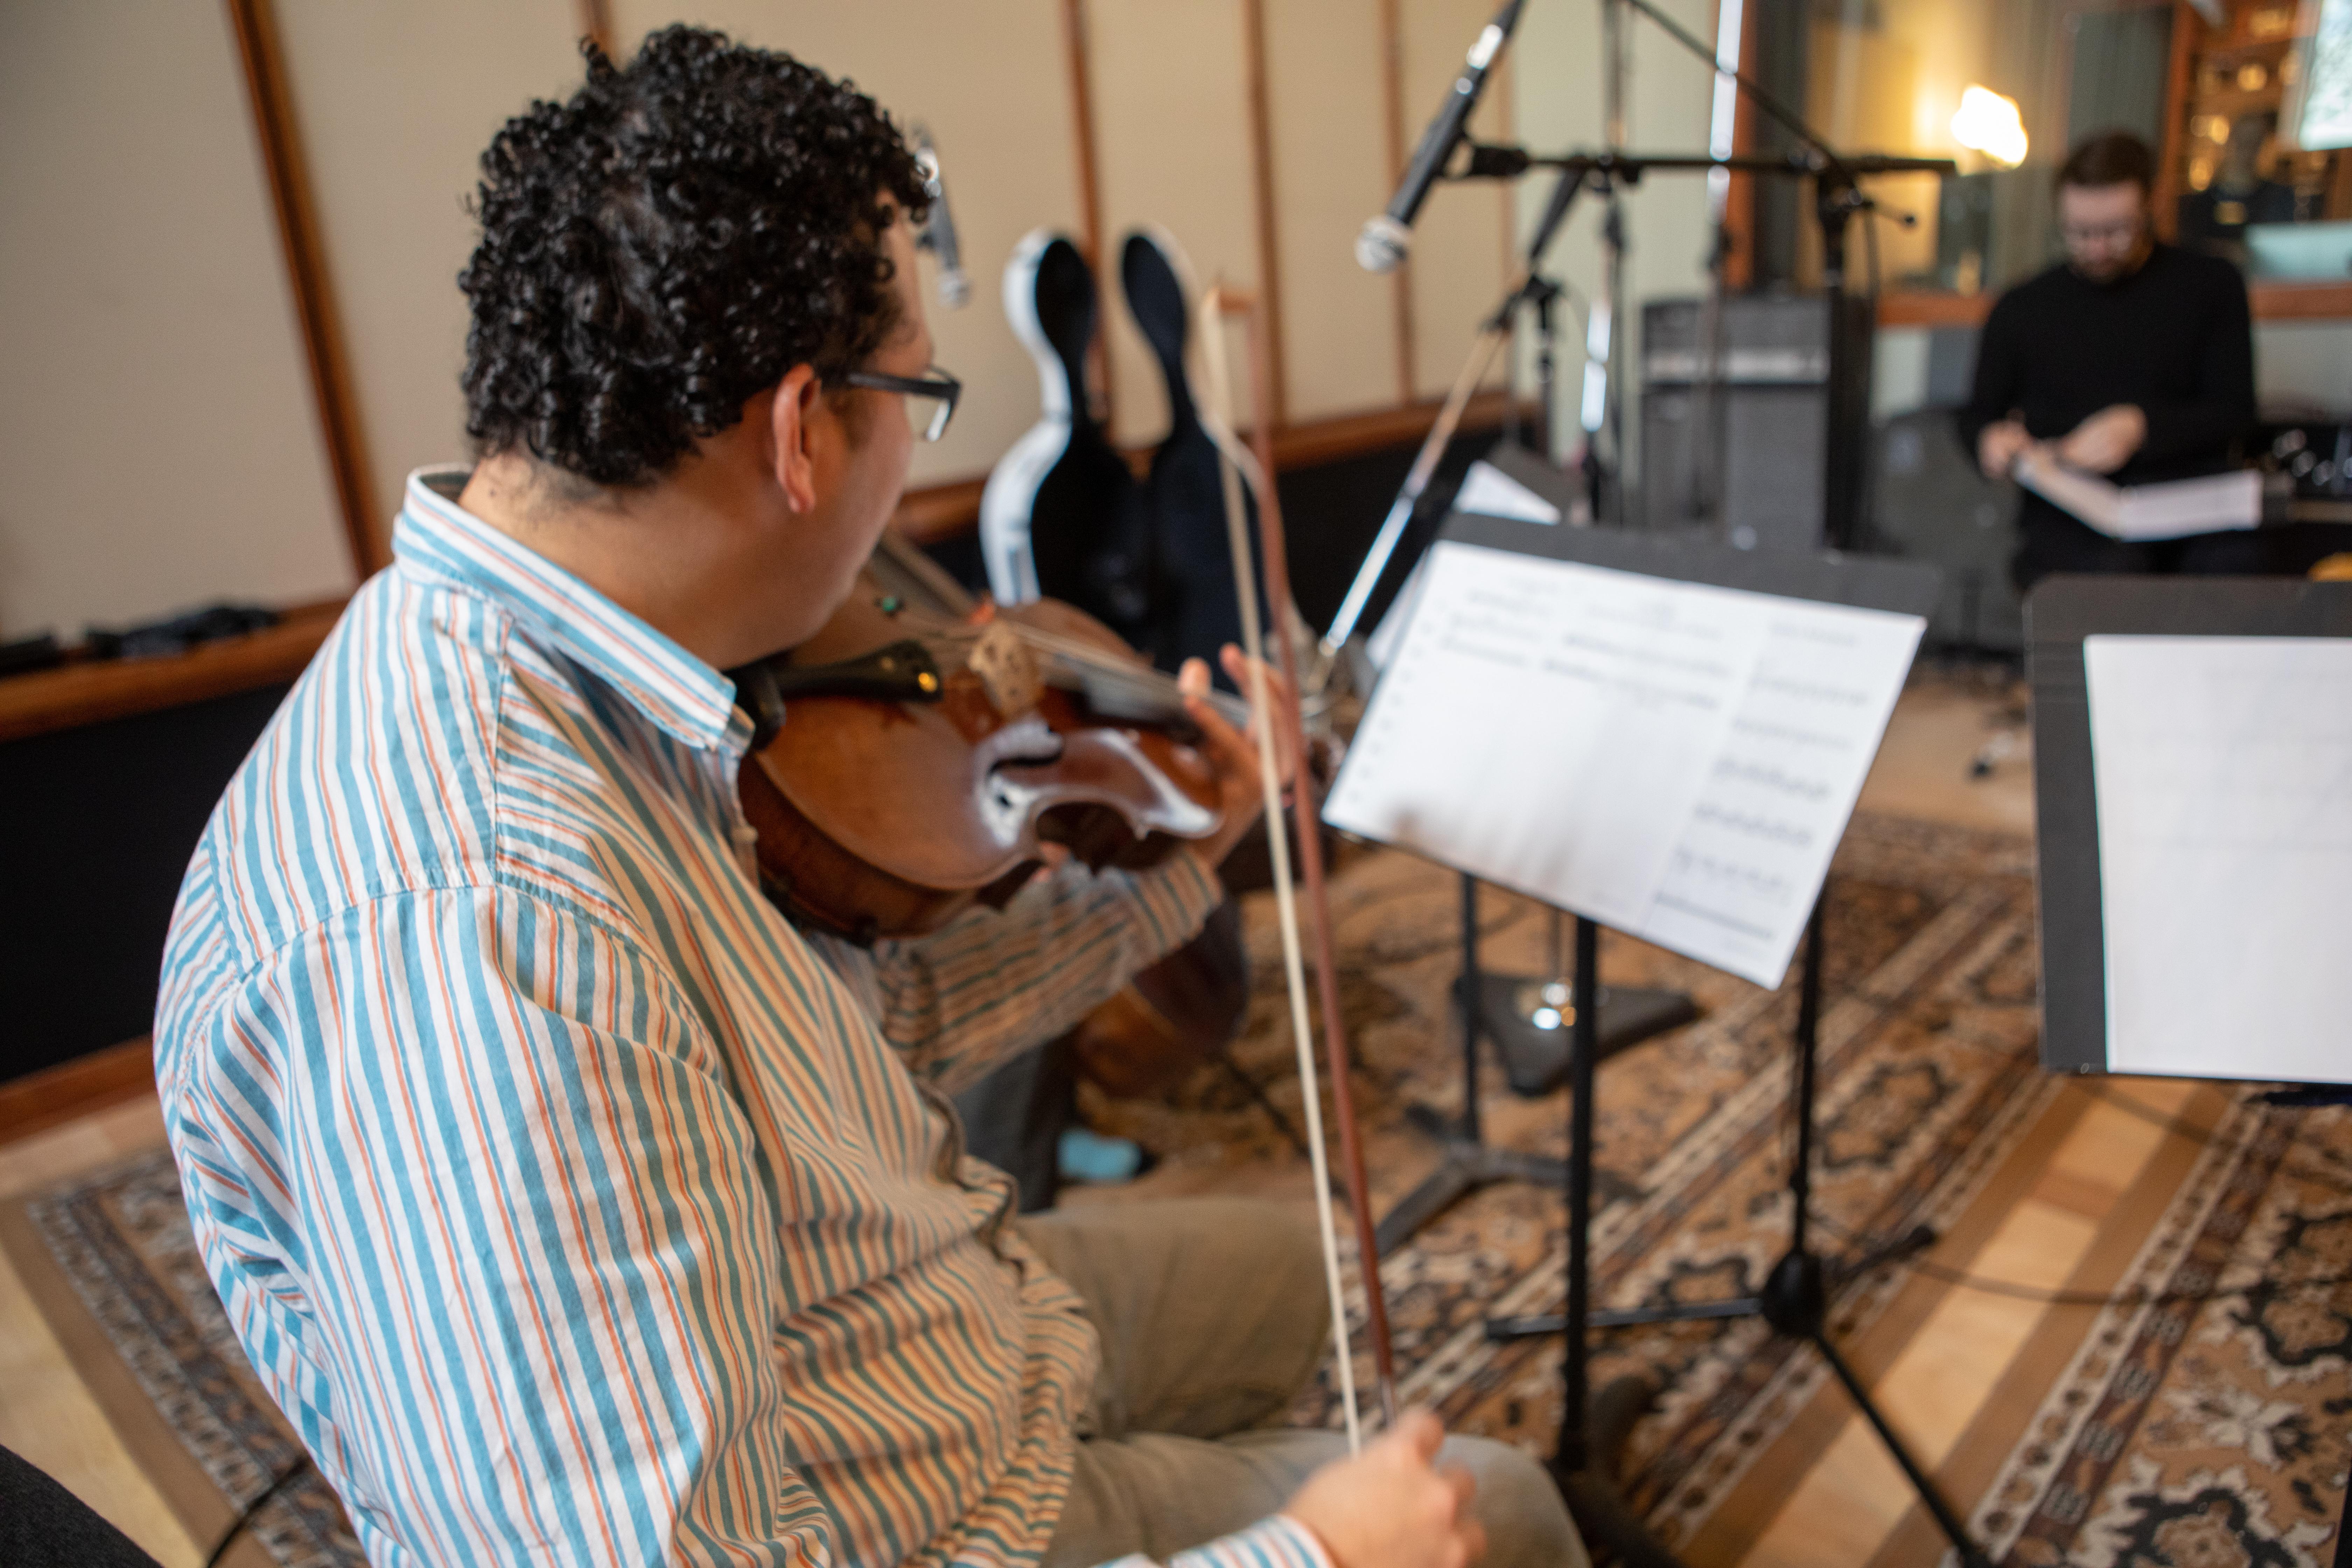 Strings Day for The Love Bugs score, Mario Rivera violist